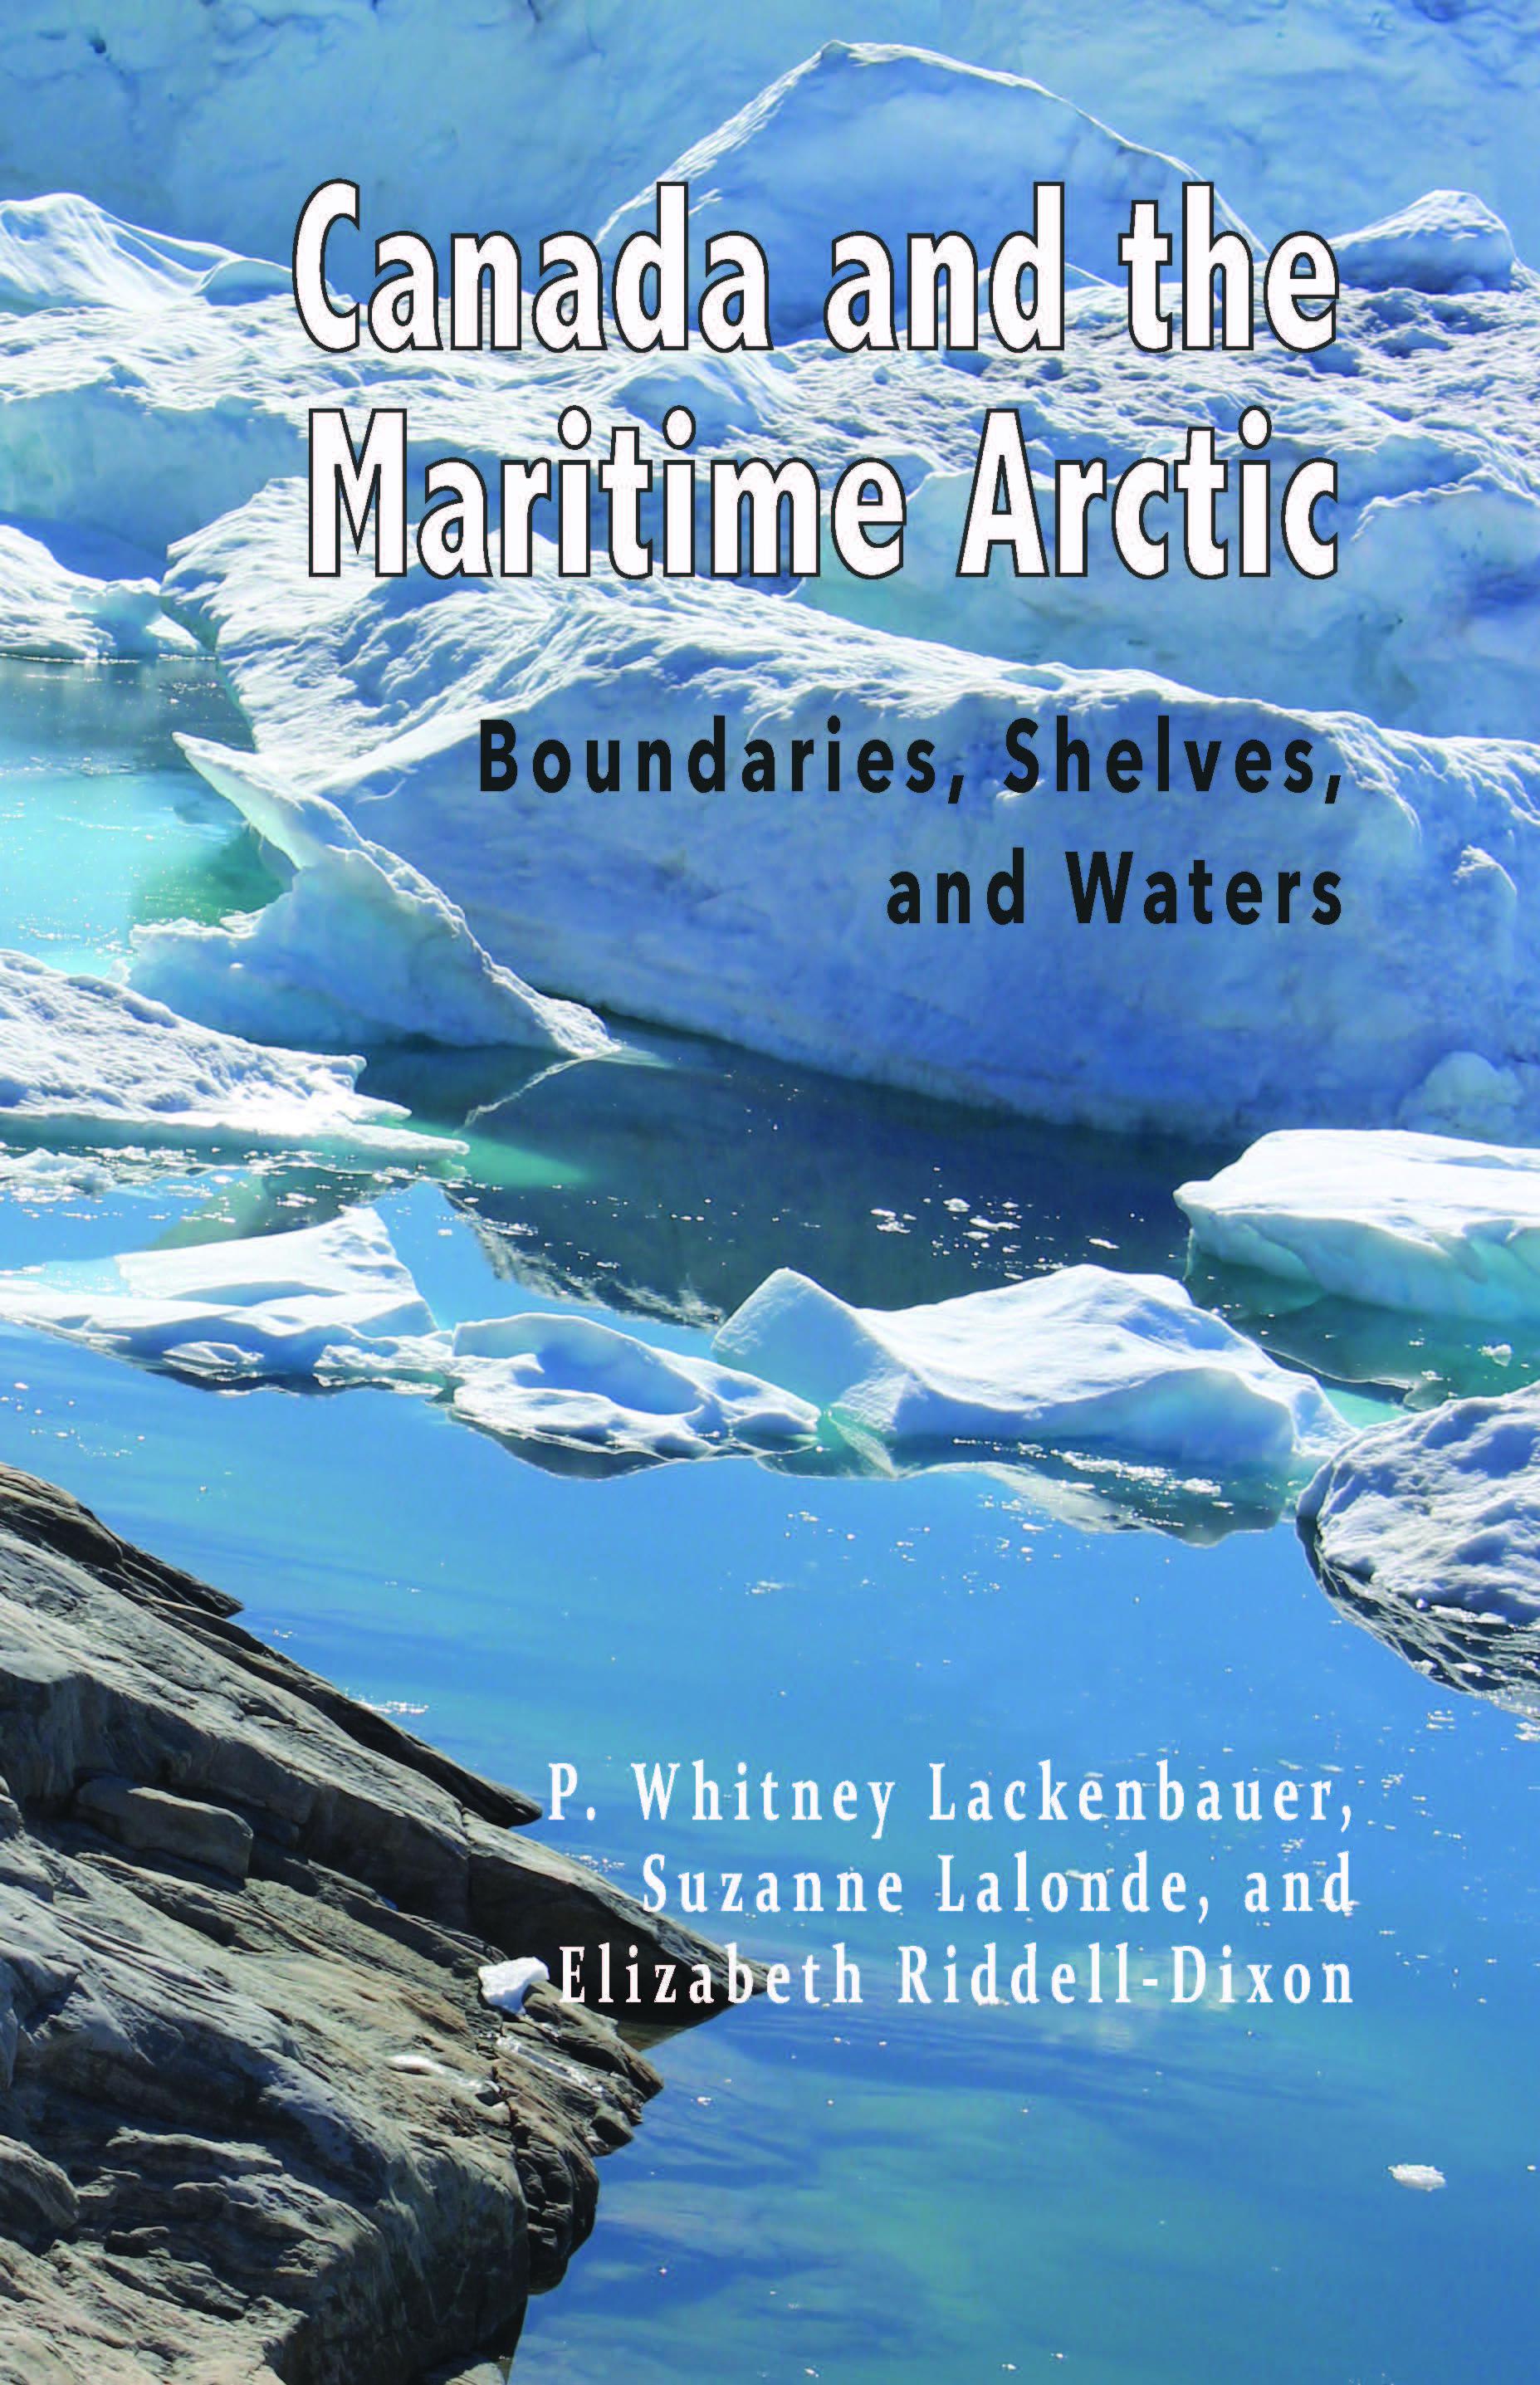 Canada-Mar-Arctic-cover